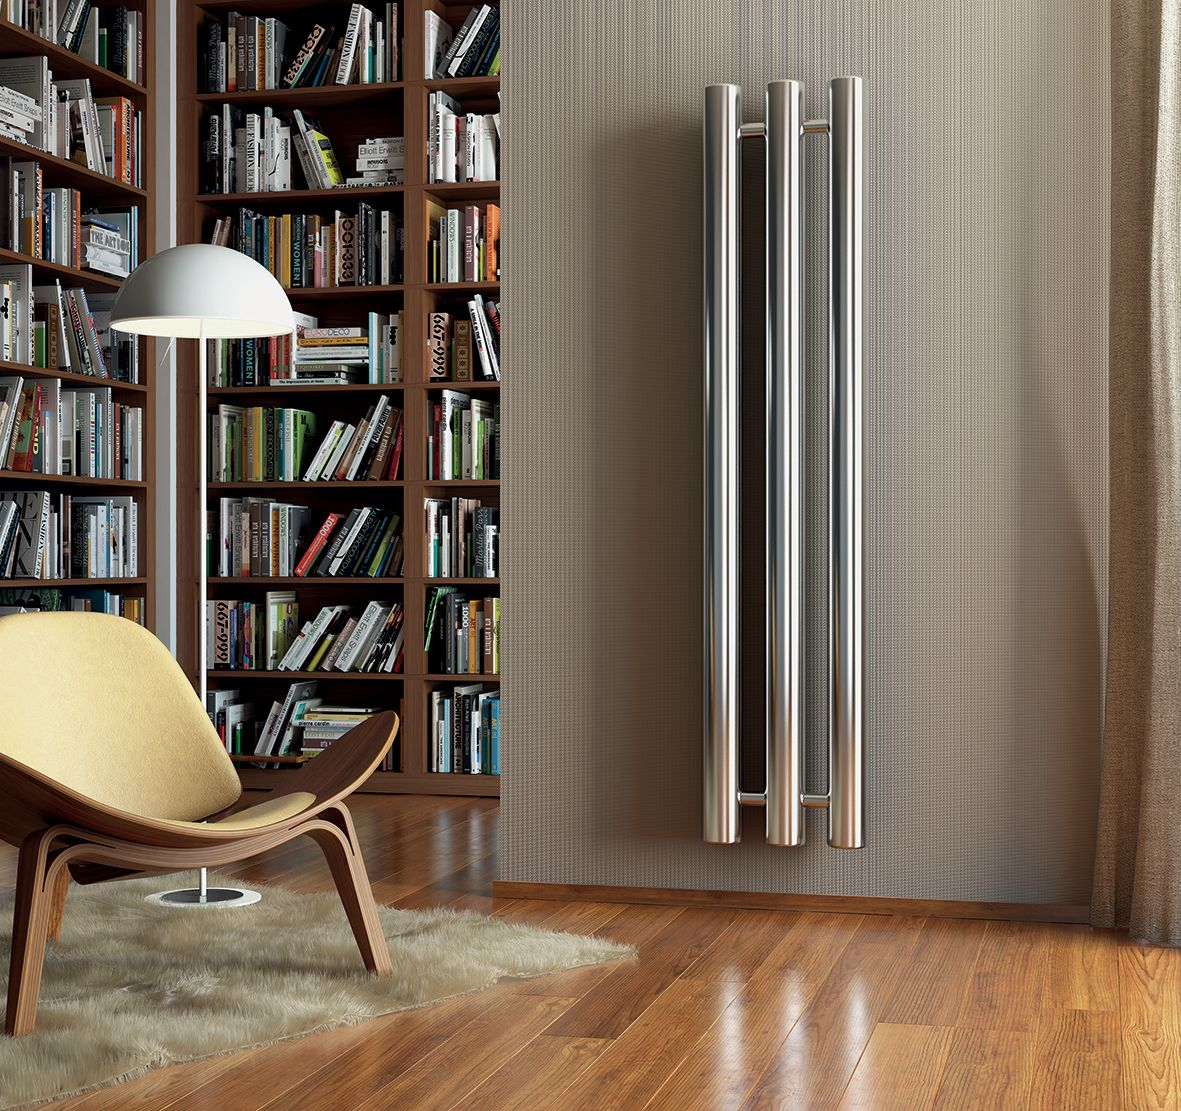 Radiatore tubolare in acciaio cromato design moderno Linestyle ...